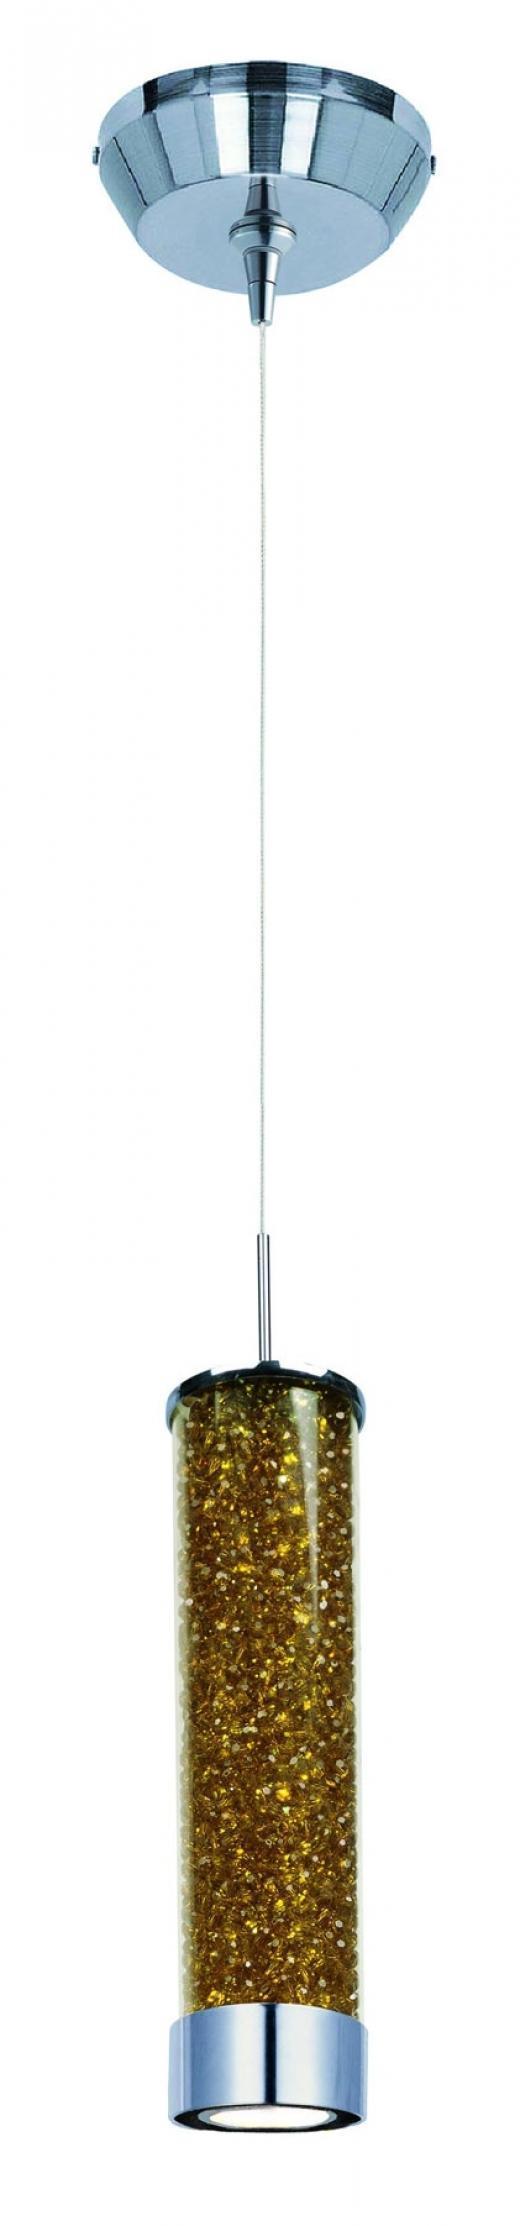 ET2 E94350-05PC Chroma 1-Light LED RapidJack Pendant and Canopy